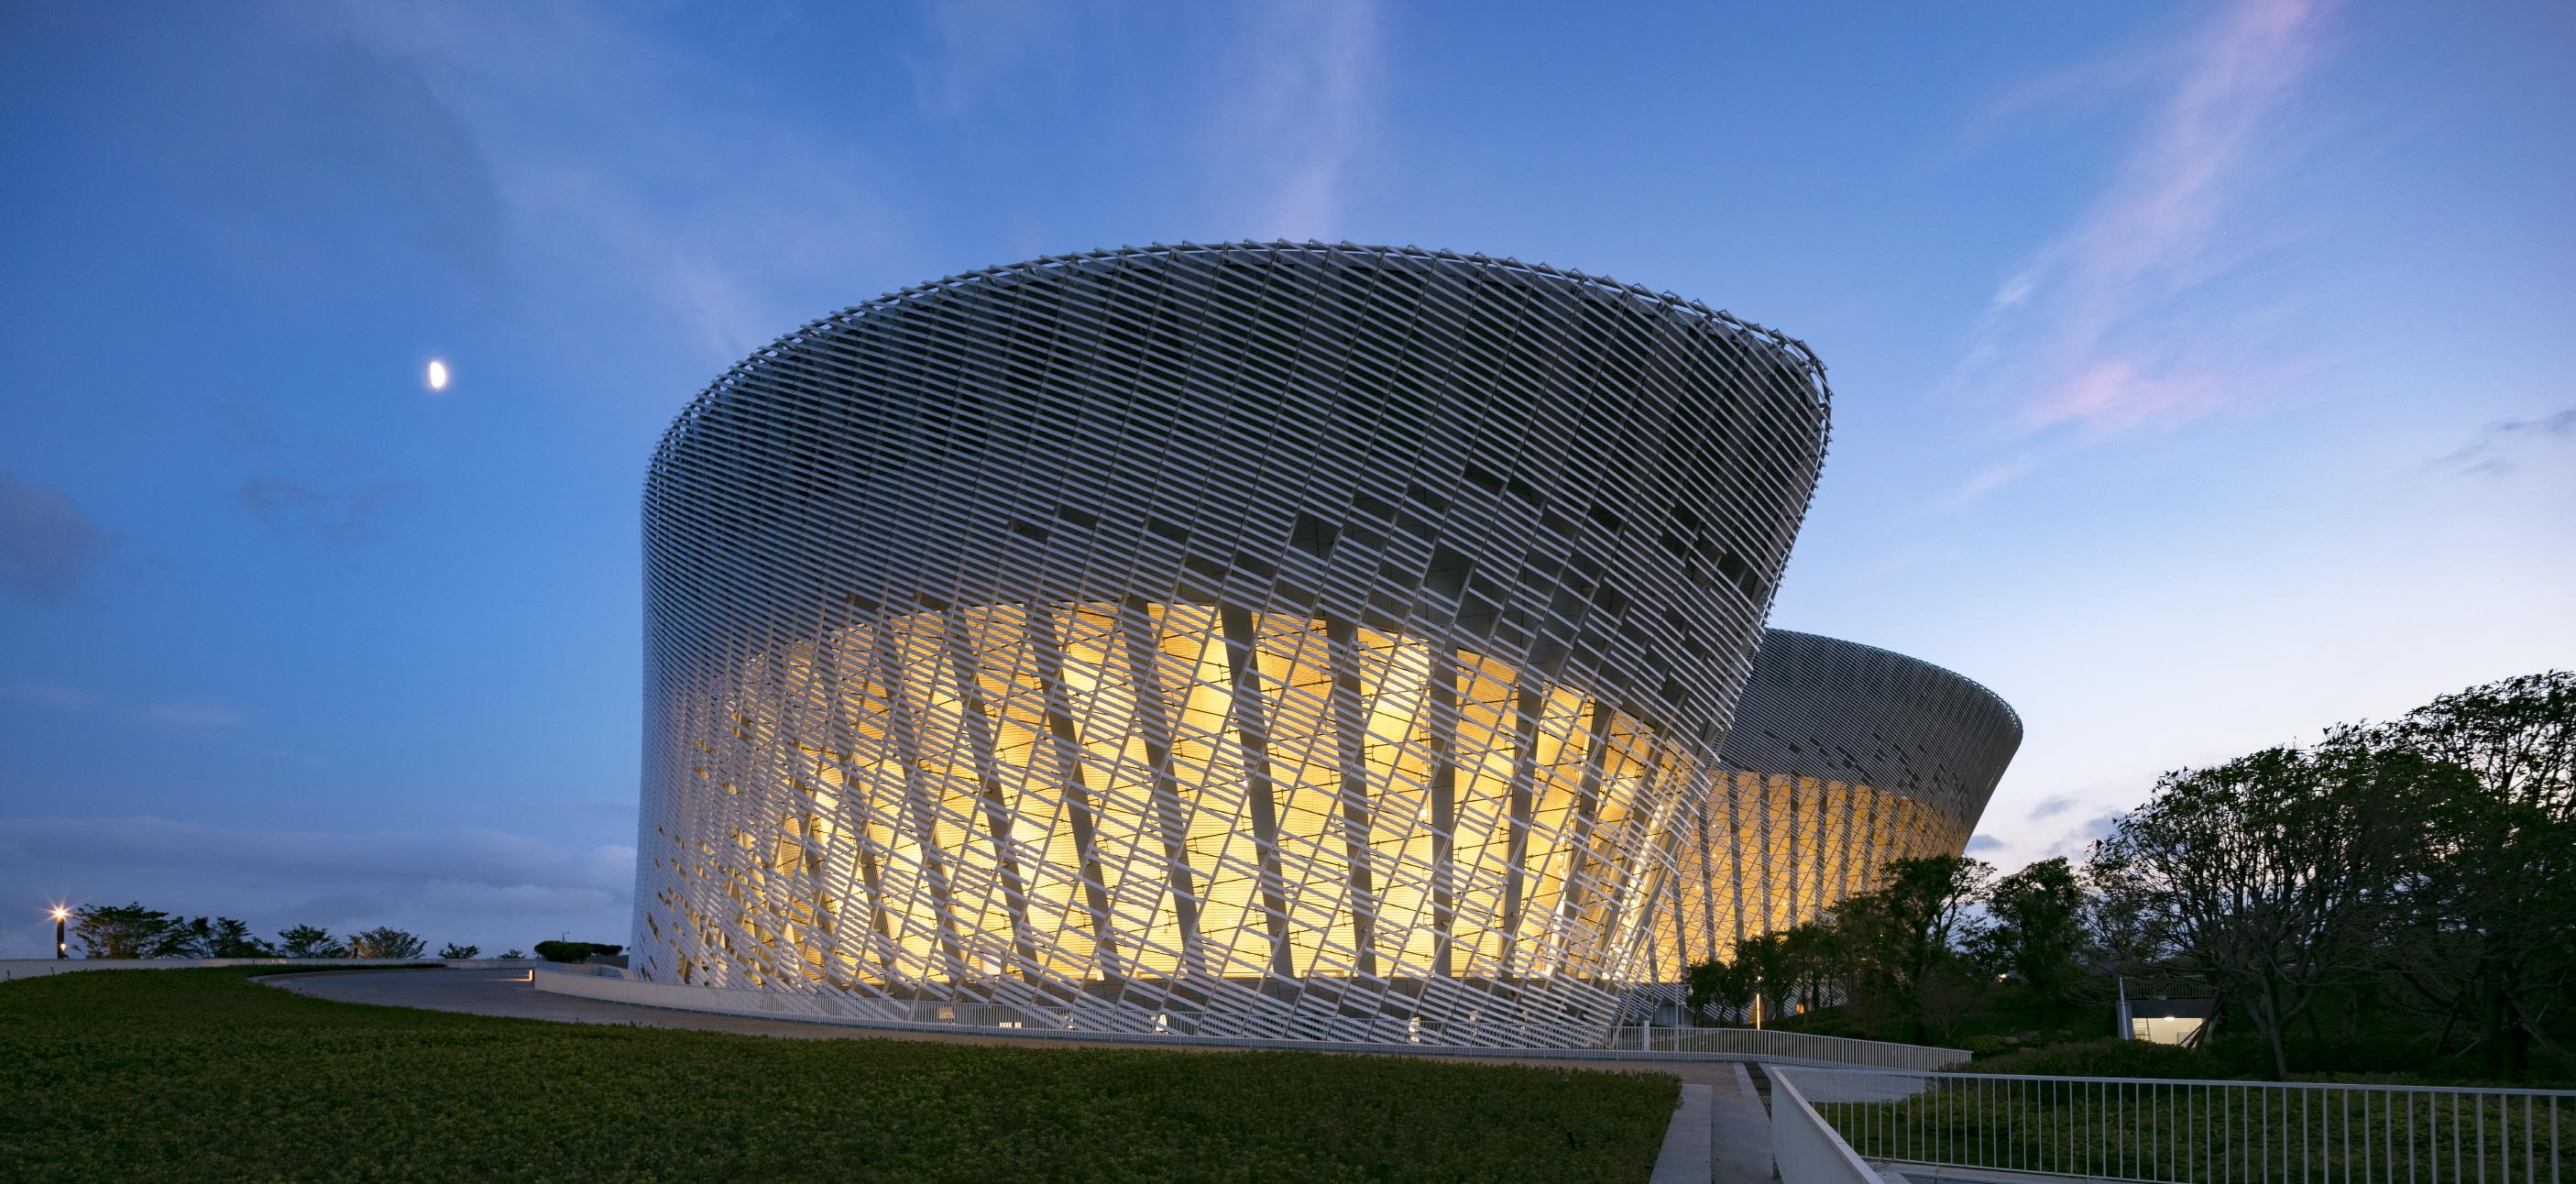 〔안정원의 건축 칼럼〕재스민 꽃잎을 형상화한 푸저우 해협문화예술센터 1